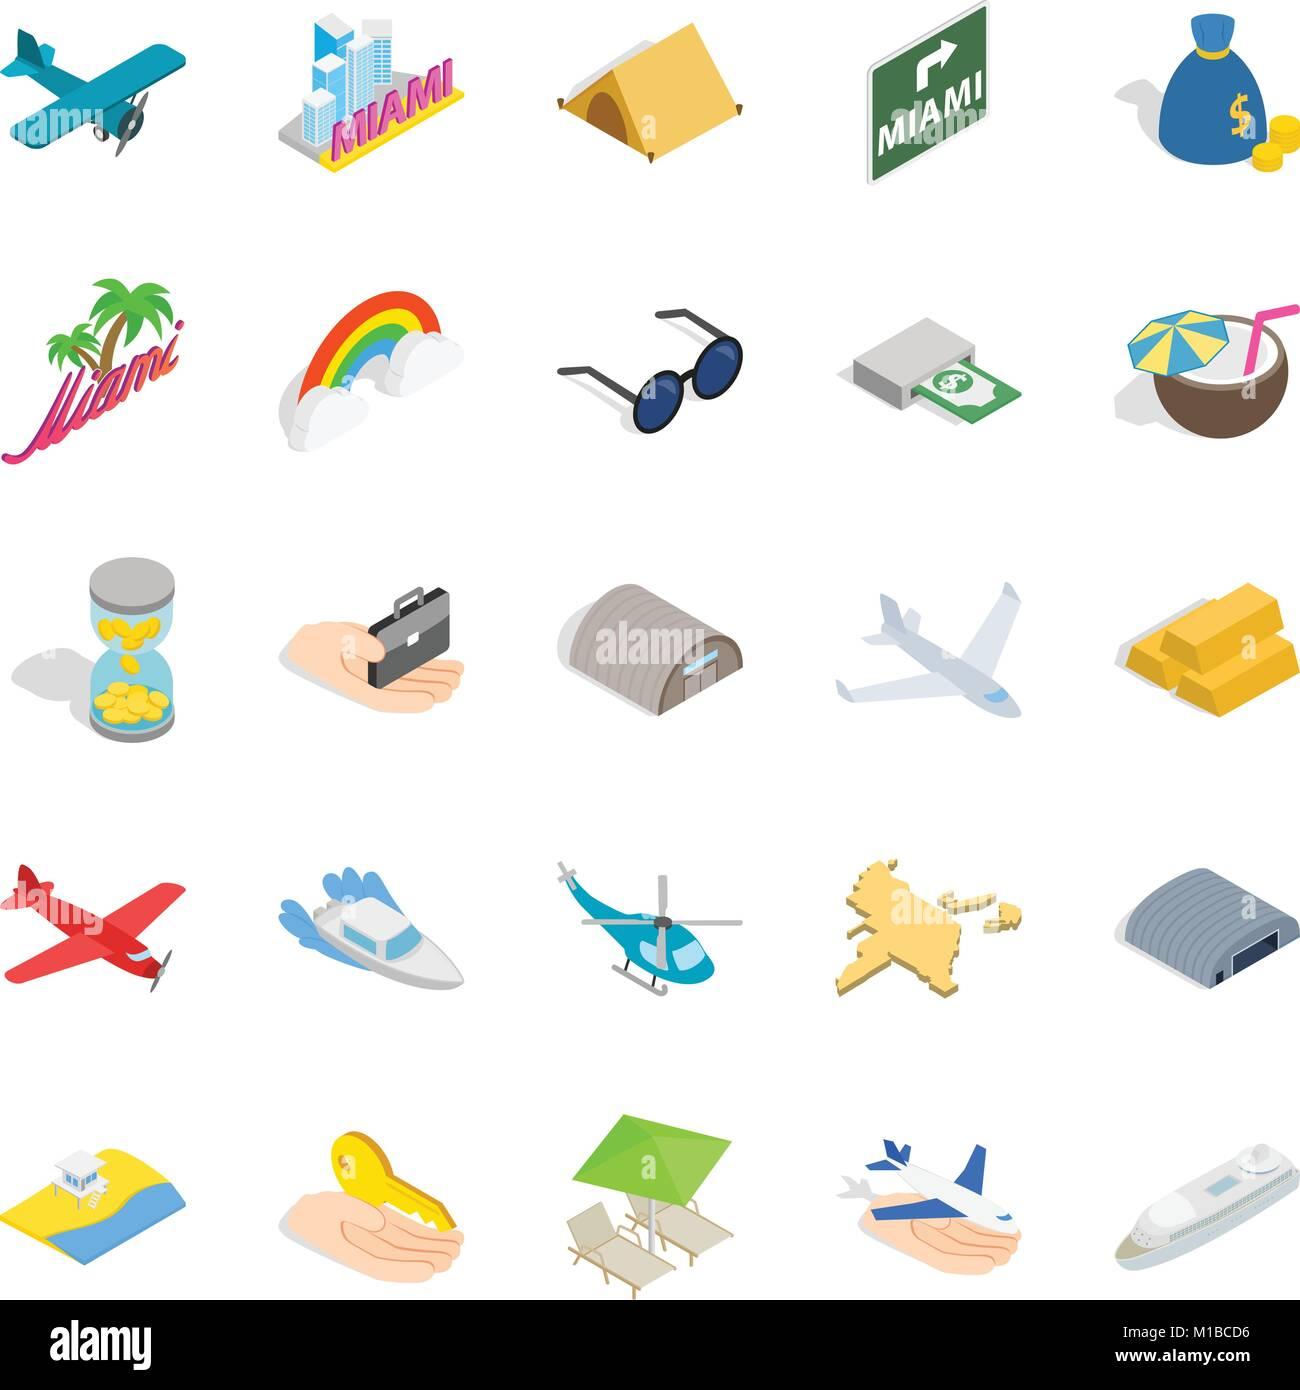 Aeronautic icons set, isometric style - Stock Image